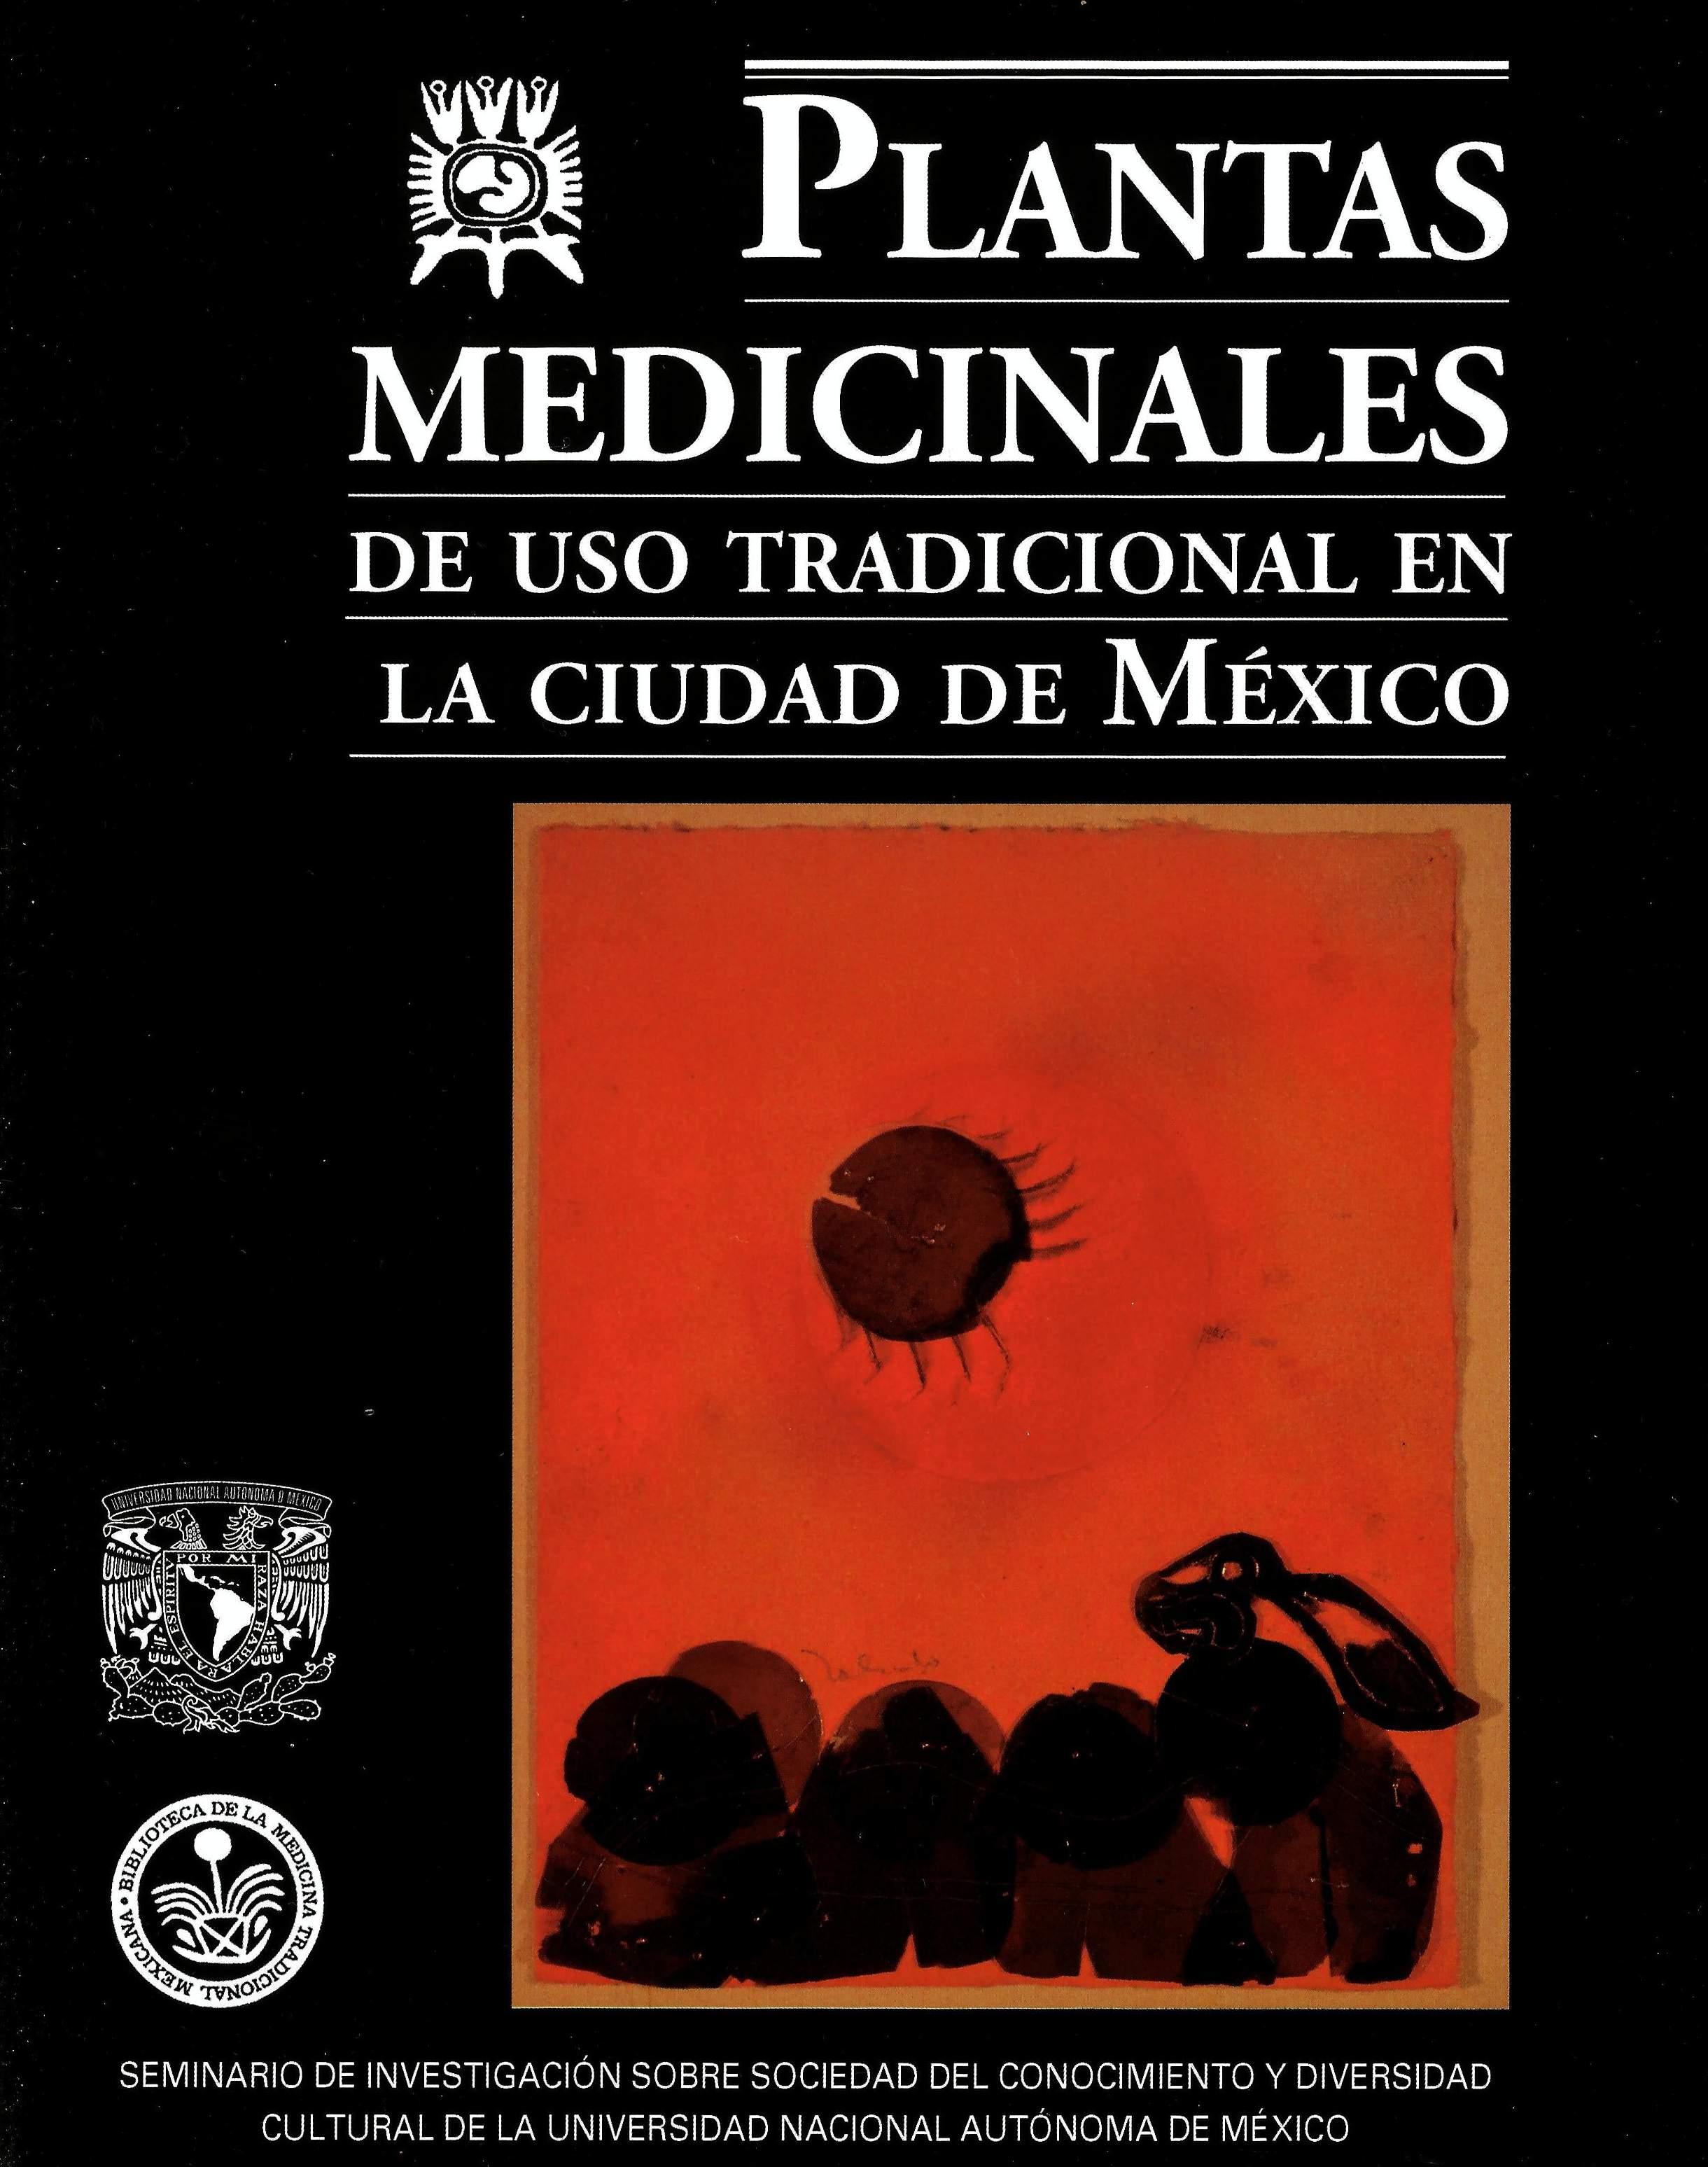 Plantas medicinales de uso tradicional en la Ciudad de México